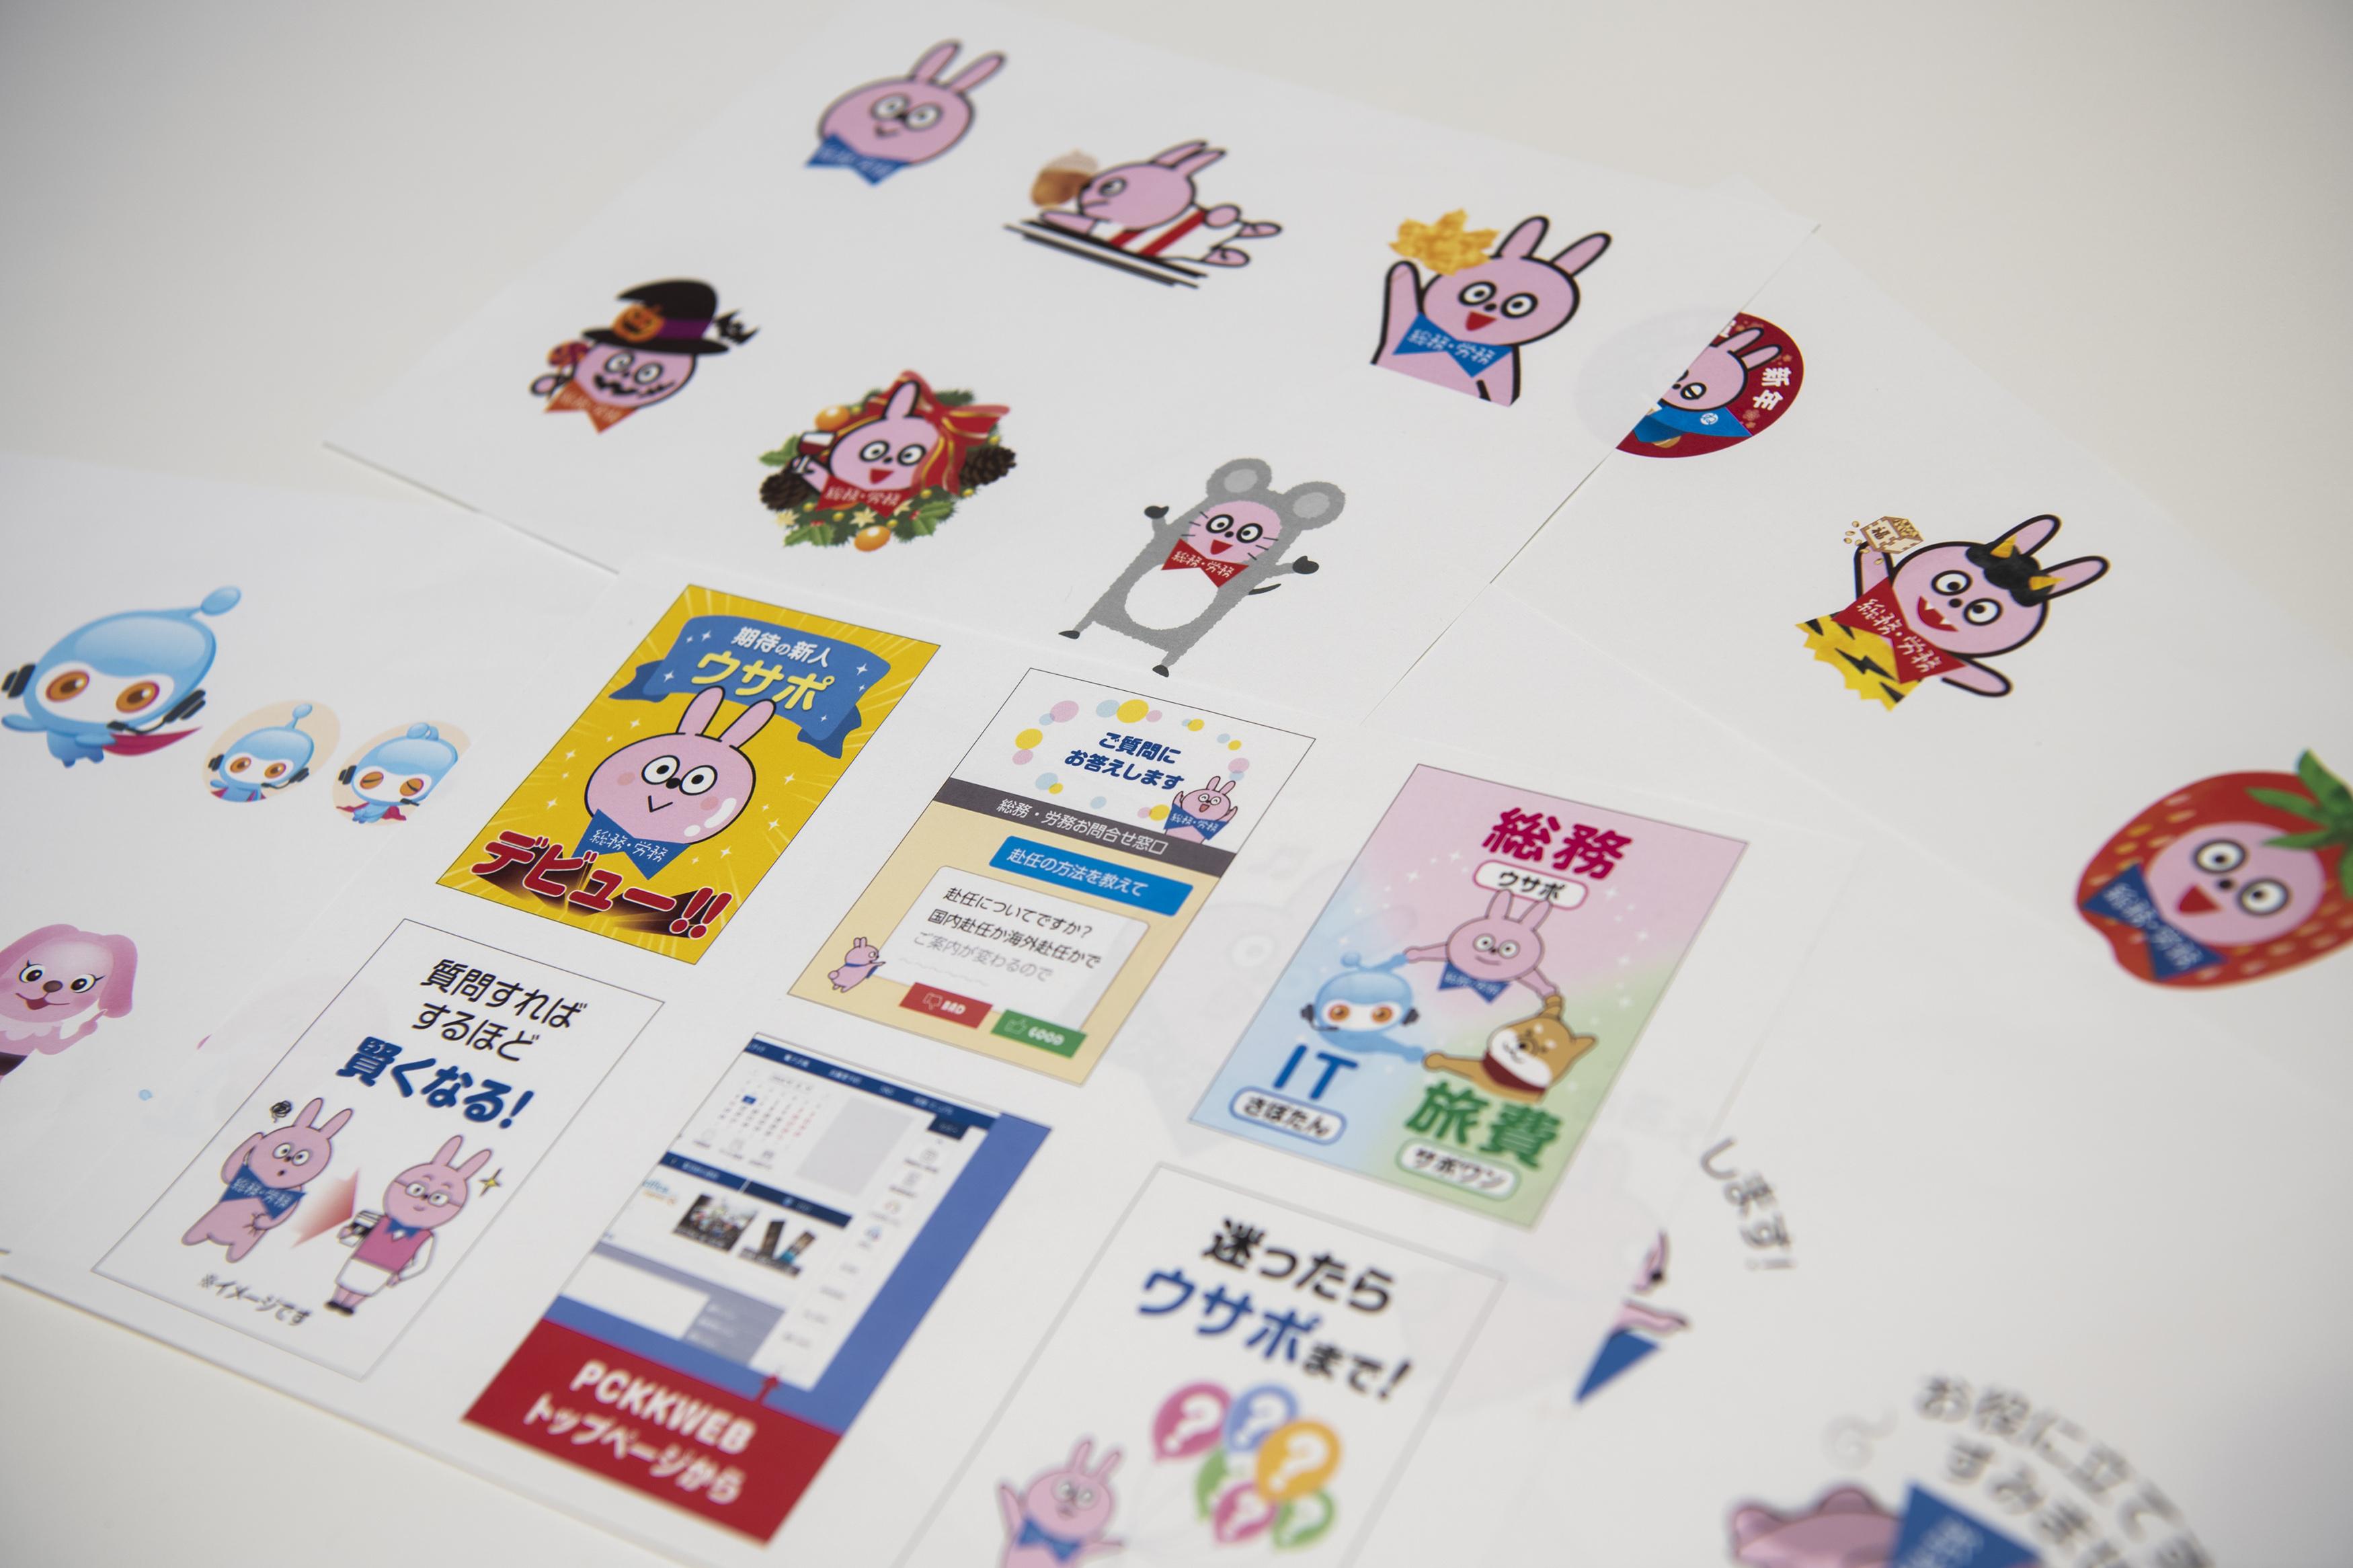 ウサポの認知を広げるために制作された、数々のバナー画像と季節毎に衣替えしているウサポ